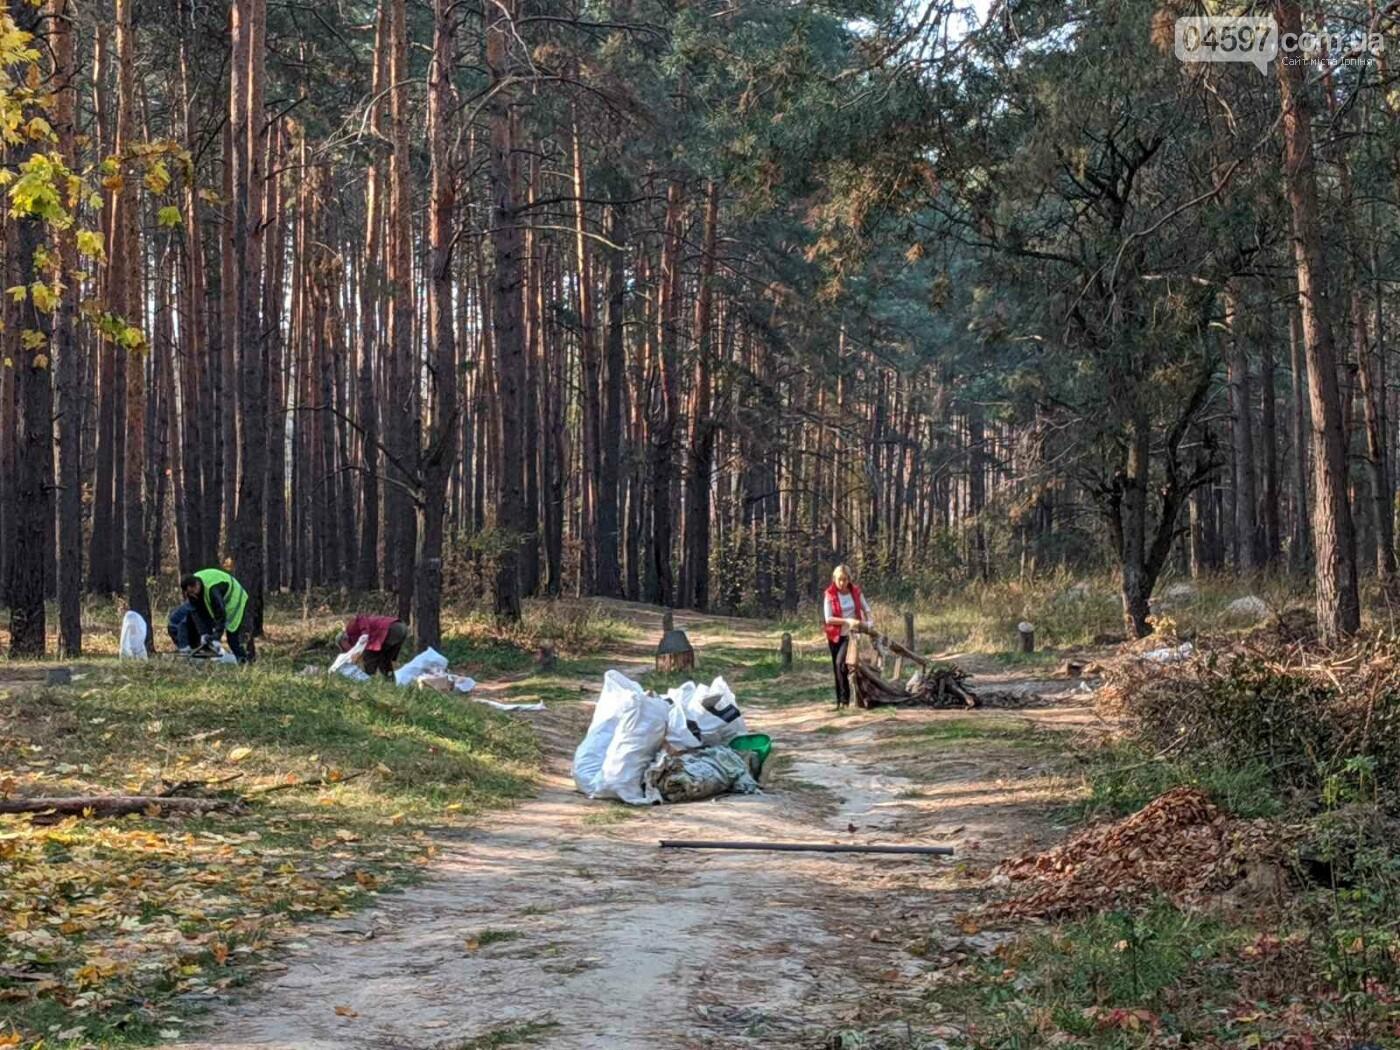 Ірпінчани рятують ліс: вивезли понад 100 мішків сміття, фото-2